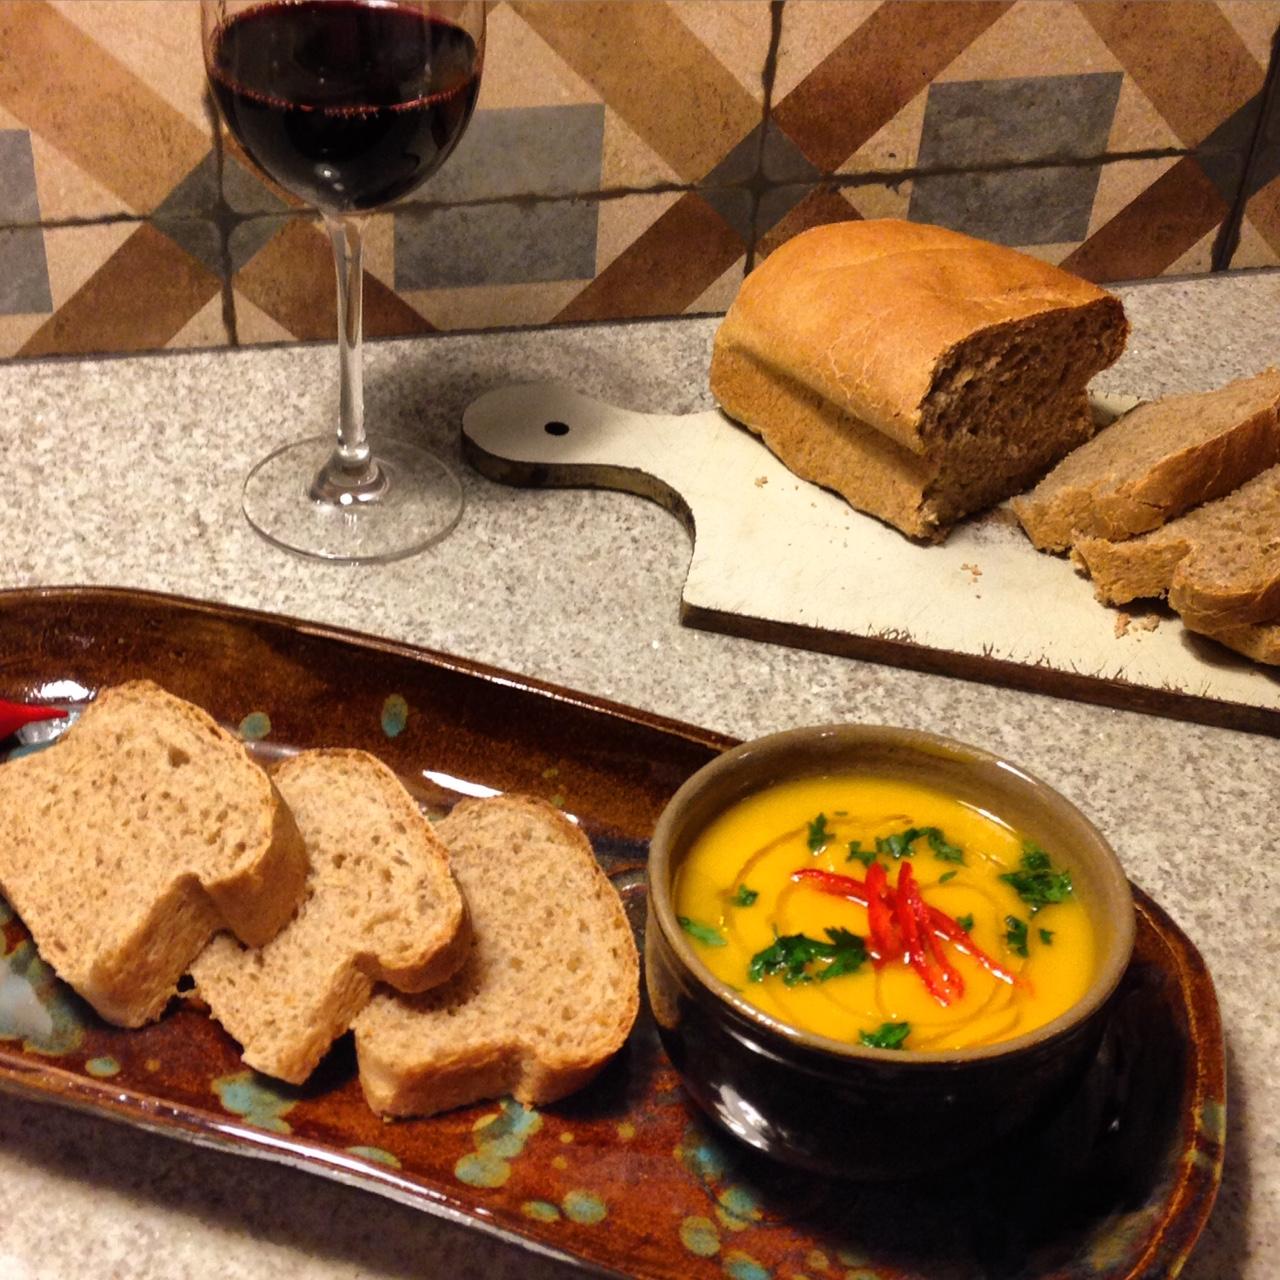 Sopa de abóbora com pão integral feito em casa. Mas pão italiano comprado no supermercado também serve! Nada de se estressar.